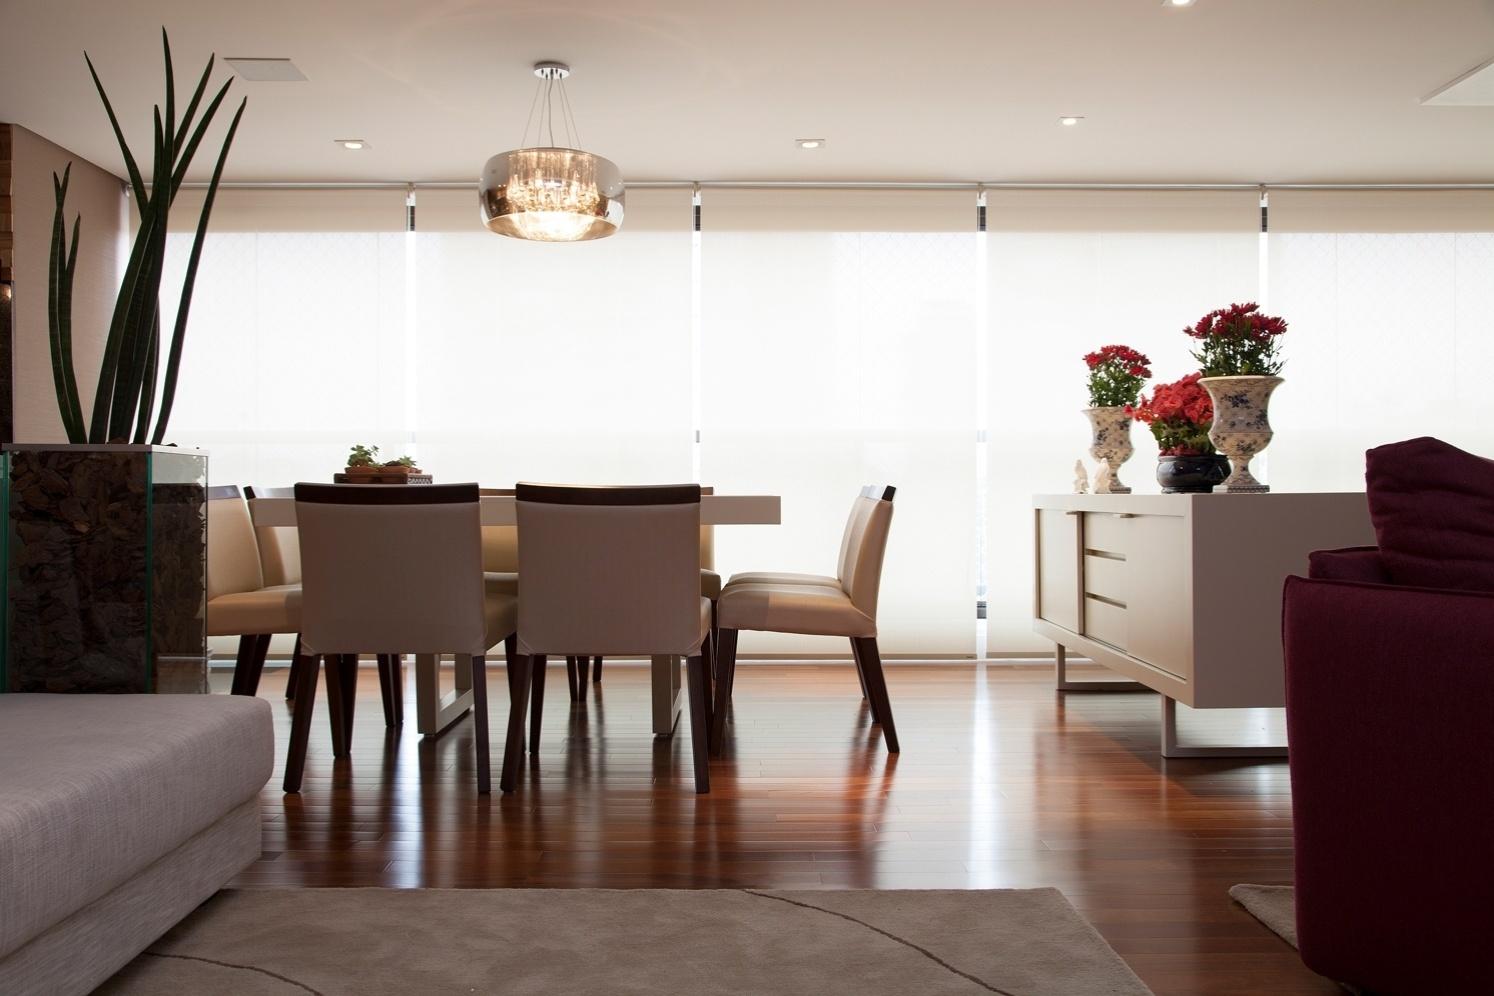 Na proposta do arquiteto Marcos Contrera, a sala de jantar está integrada à varanda gourmet. Para conectar os ambientes, o projeto estabeleceu piso de madeira em todo o social. Repare que o bufê (à dir.) ajuda a delimitar o local para refeições do restante do living